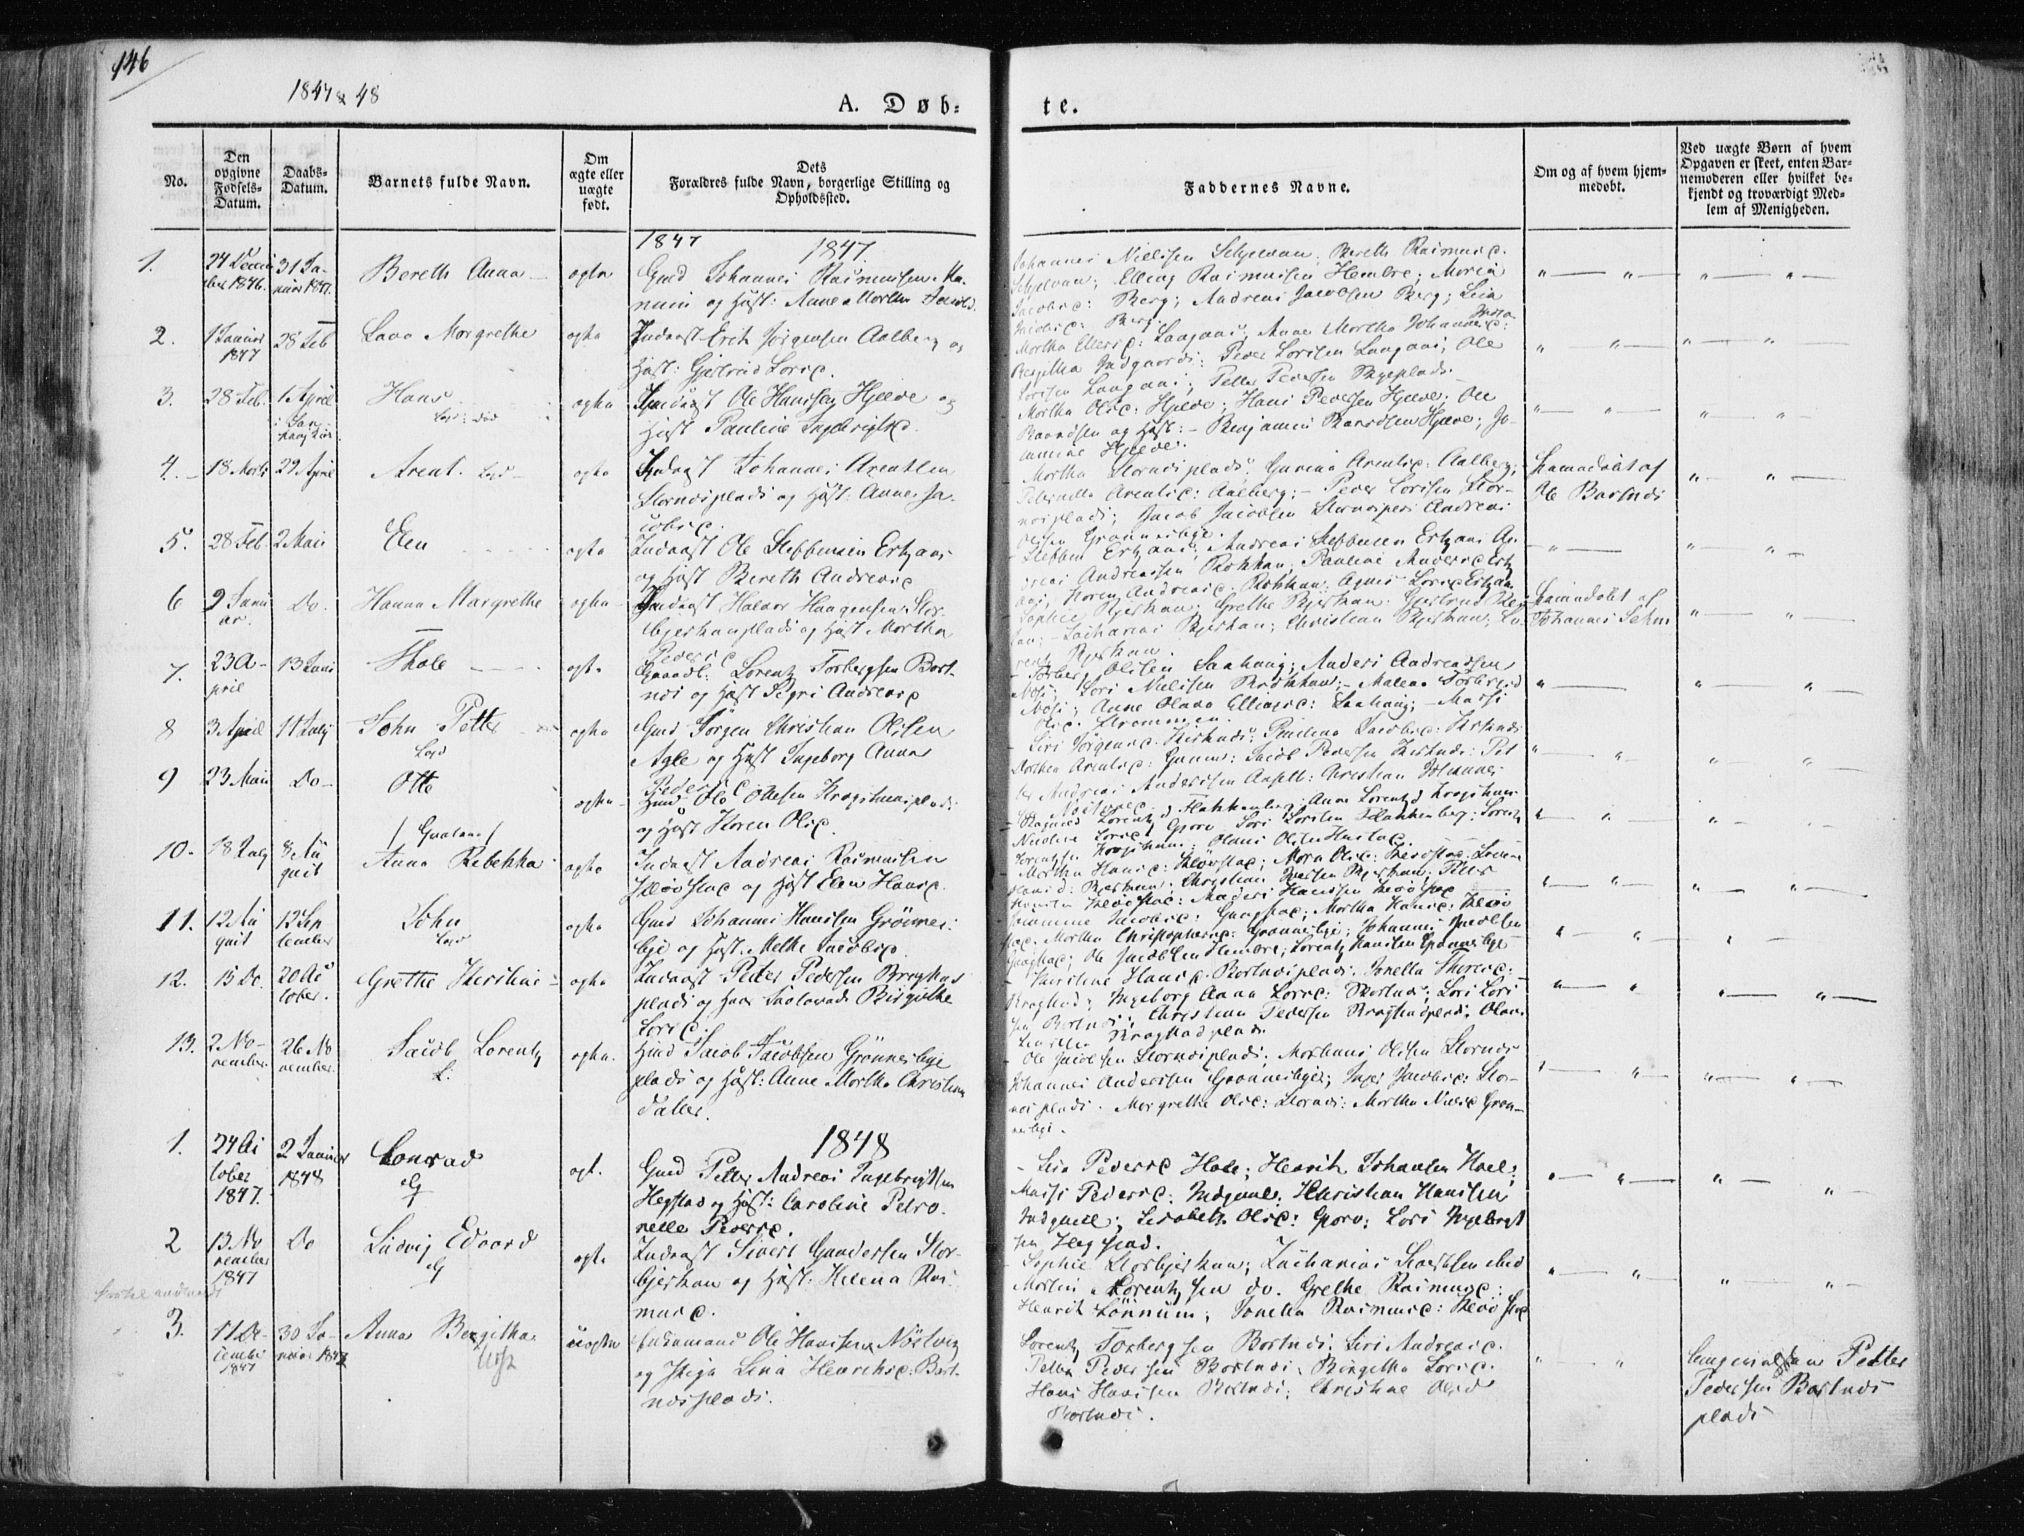 SAT, Ministerialprotokoller, klokkerbøker og fødselsregistre - Nord-Trøndelag, 730/L0280: Ministerialbok nr. 730A07 /3, 1840-1854, s. 146